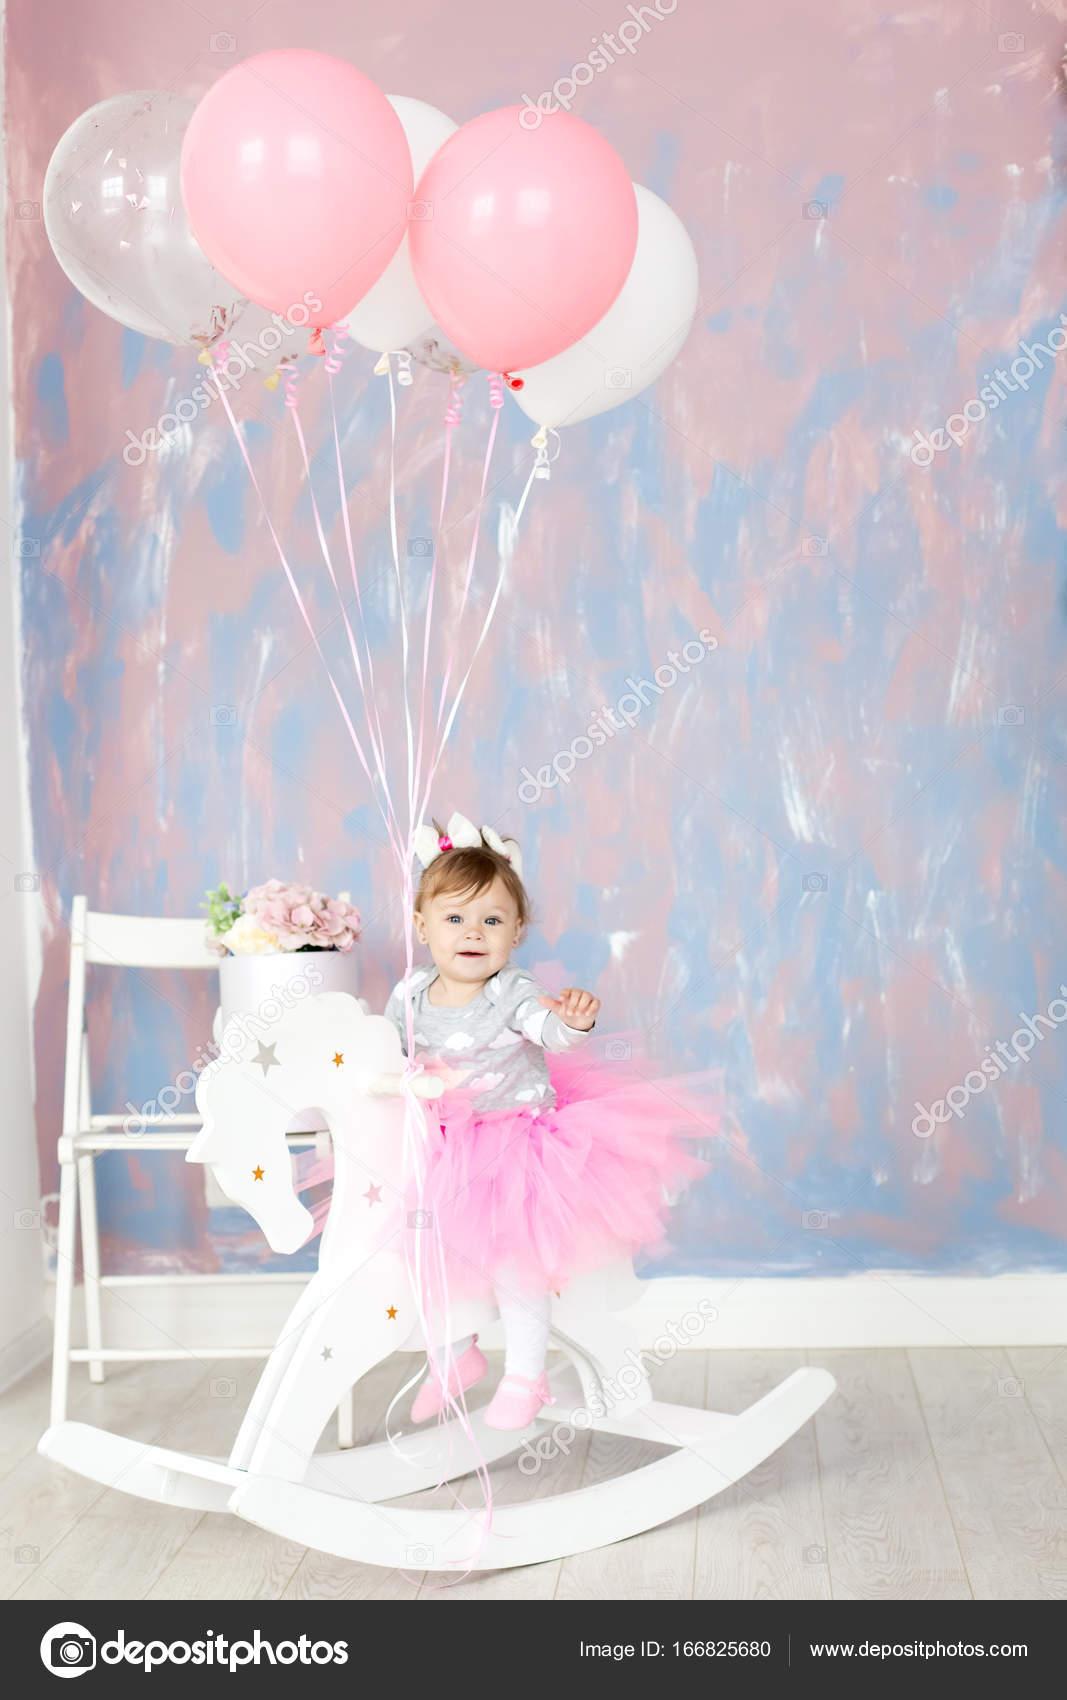 El Primer Bebe De La Torta Retrato De Un Bebe Foto De Stock